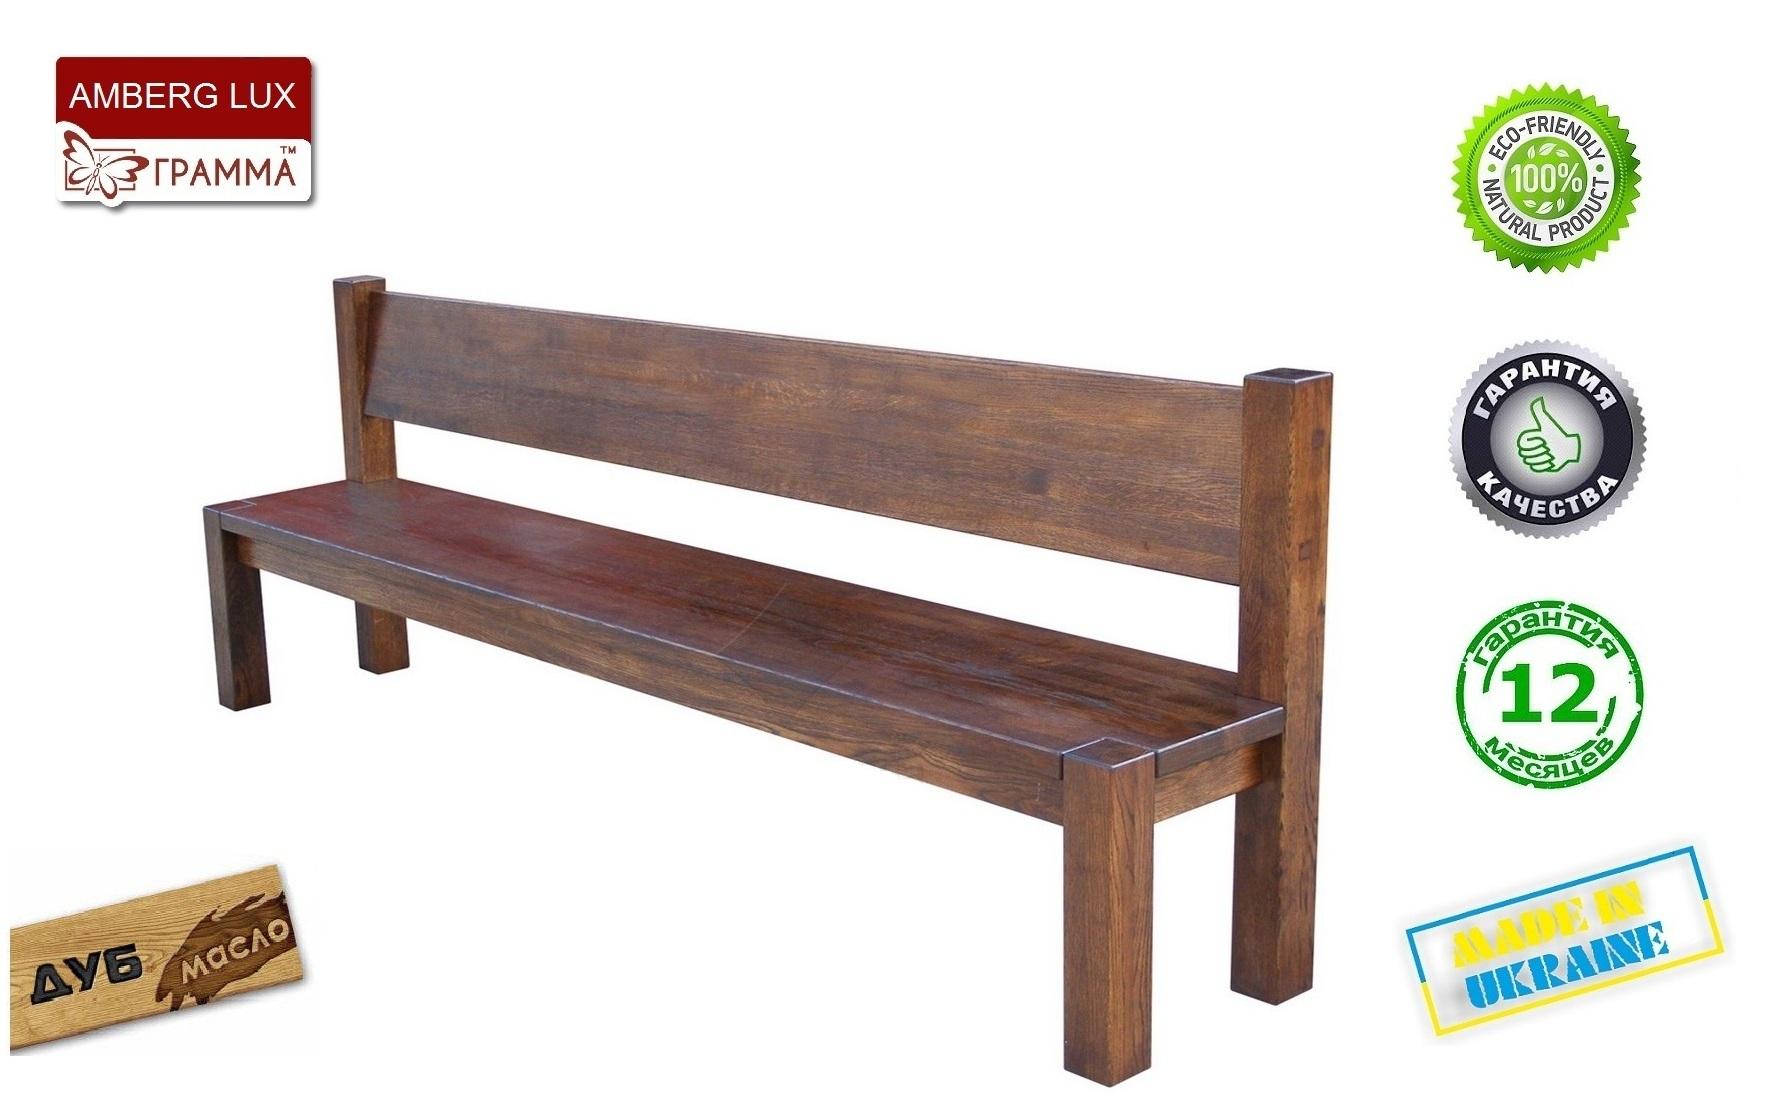 Лавка Амберг Люкс / Amberg Lux дерев'яна зі спинкою Грамма ТМ, Дуб, 9 кольорів